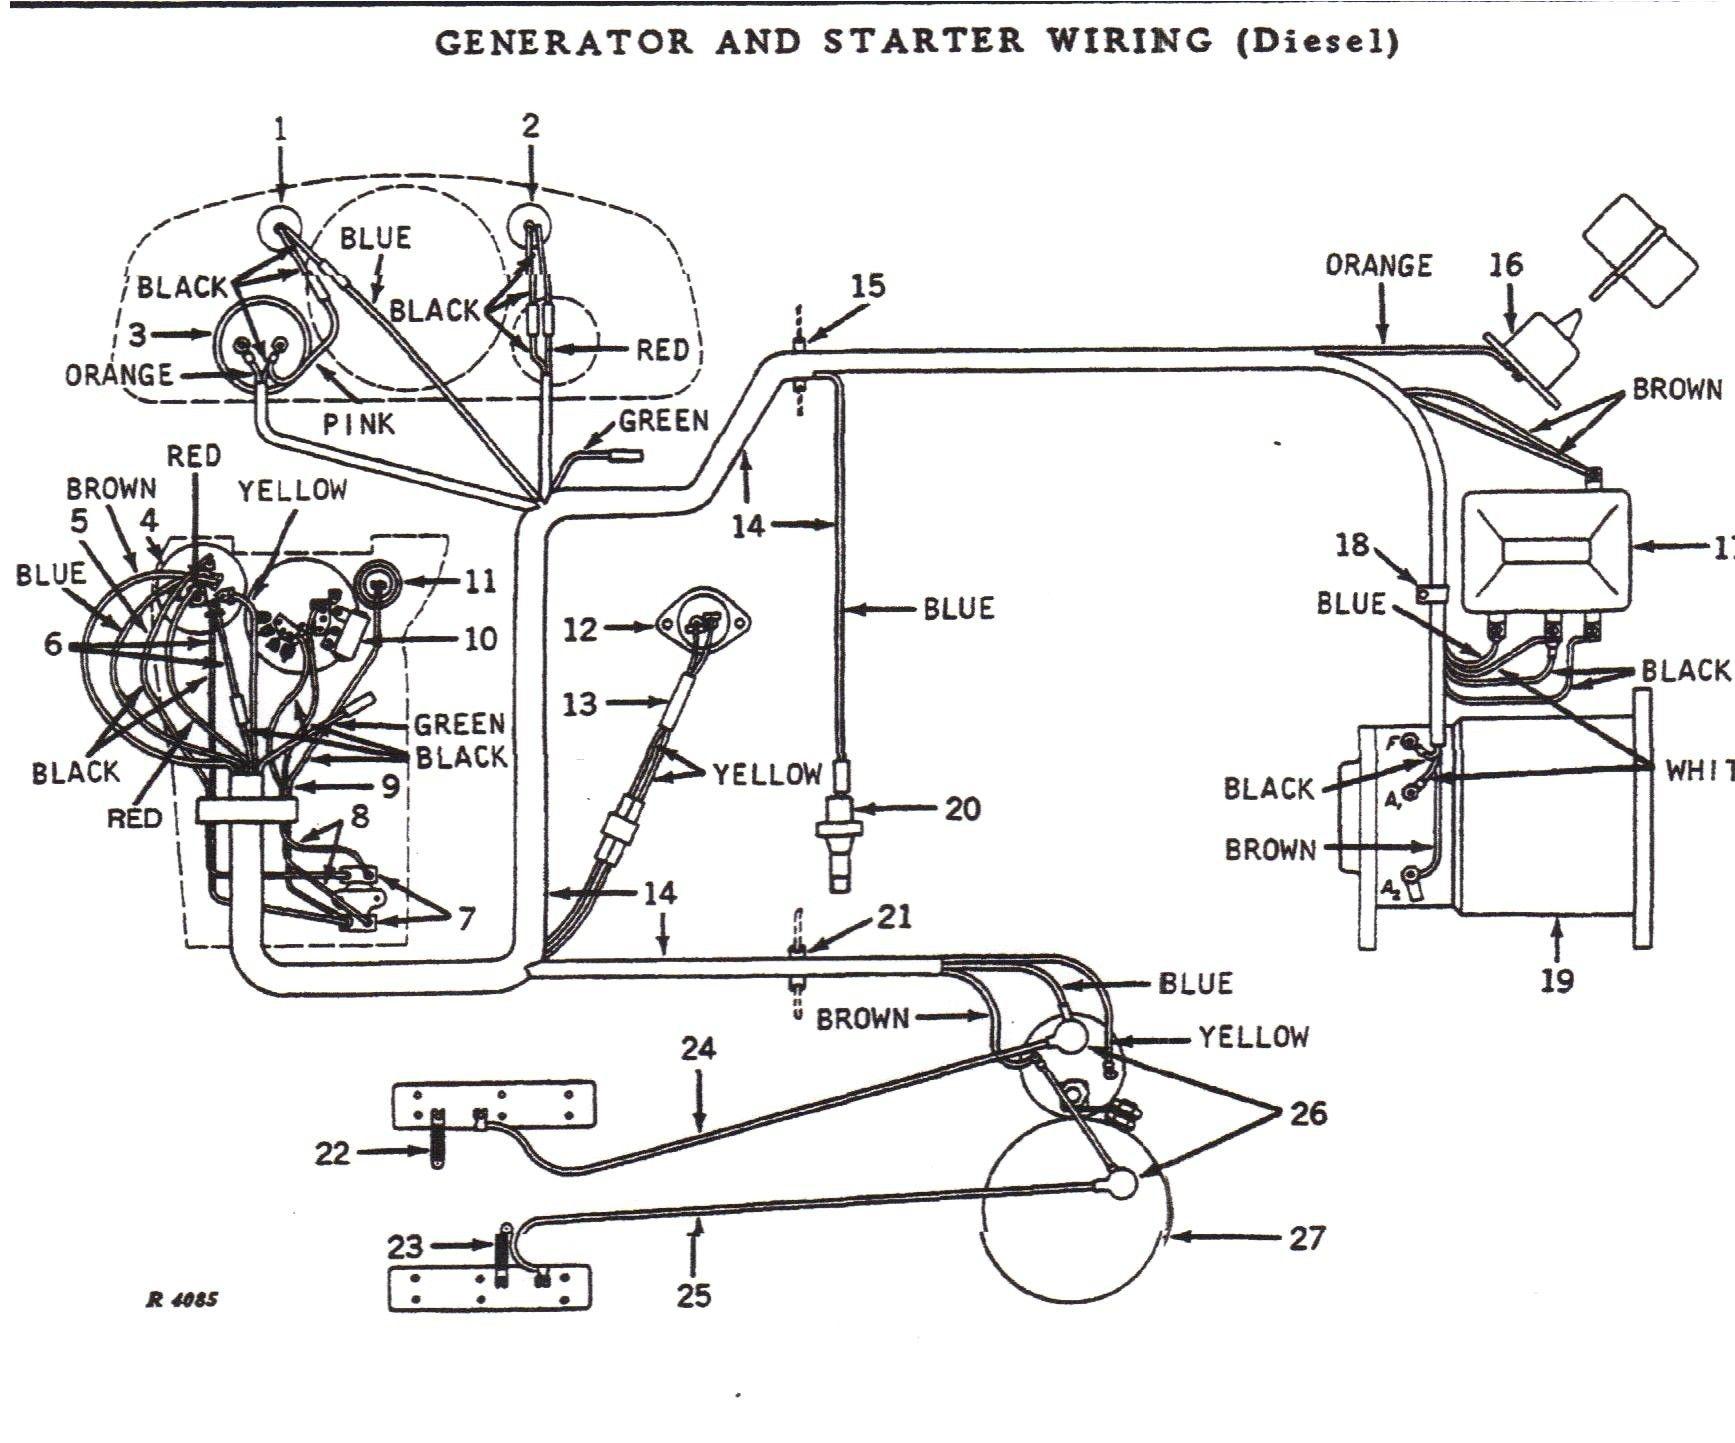 john deere 60 tractor wiring diagram john deere 4020 wiring schematic e4 wiring diagram  john deere 4020 wiring schematic e4